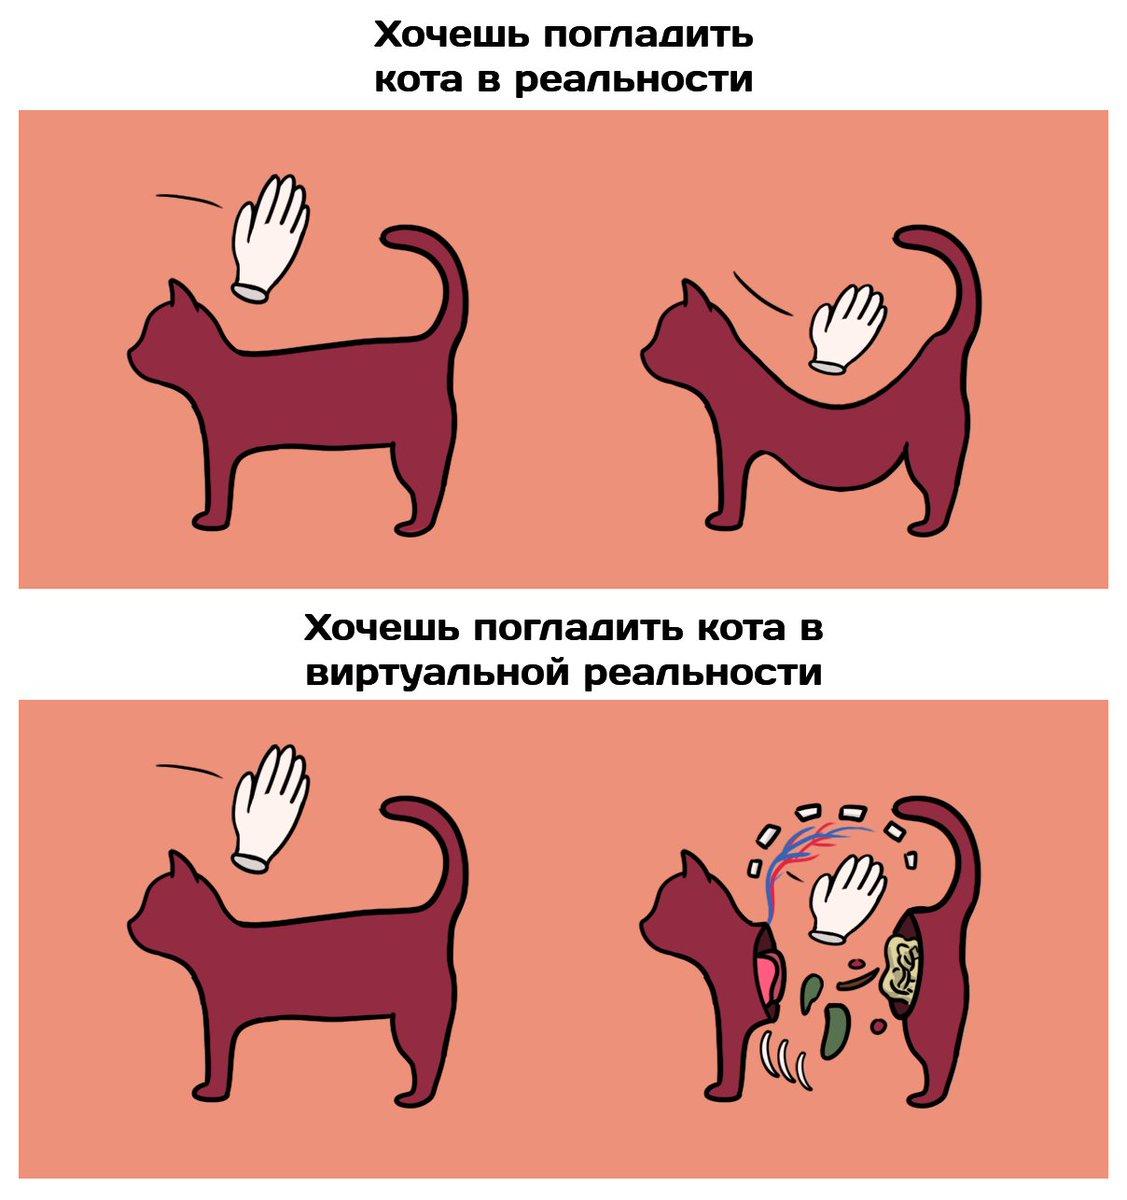 Сколько нужно гладить кота, чтобы избавиться от стресса